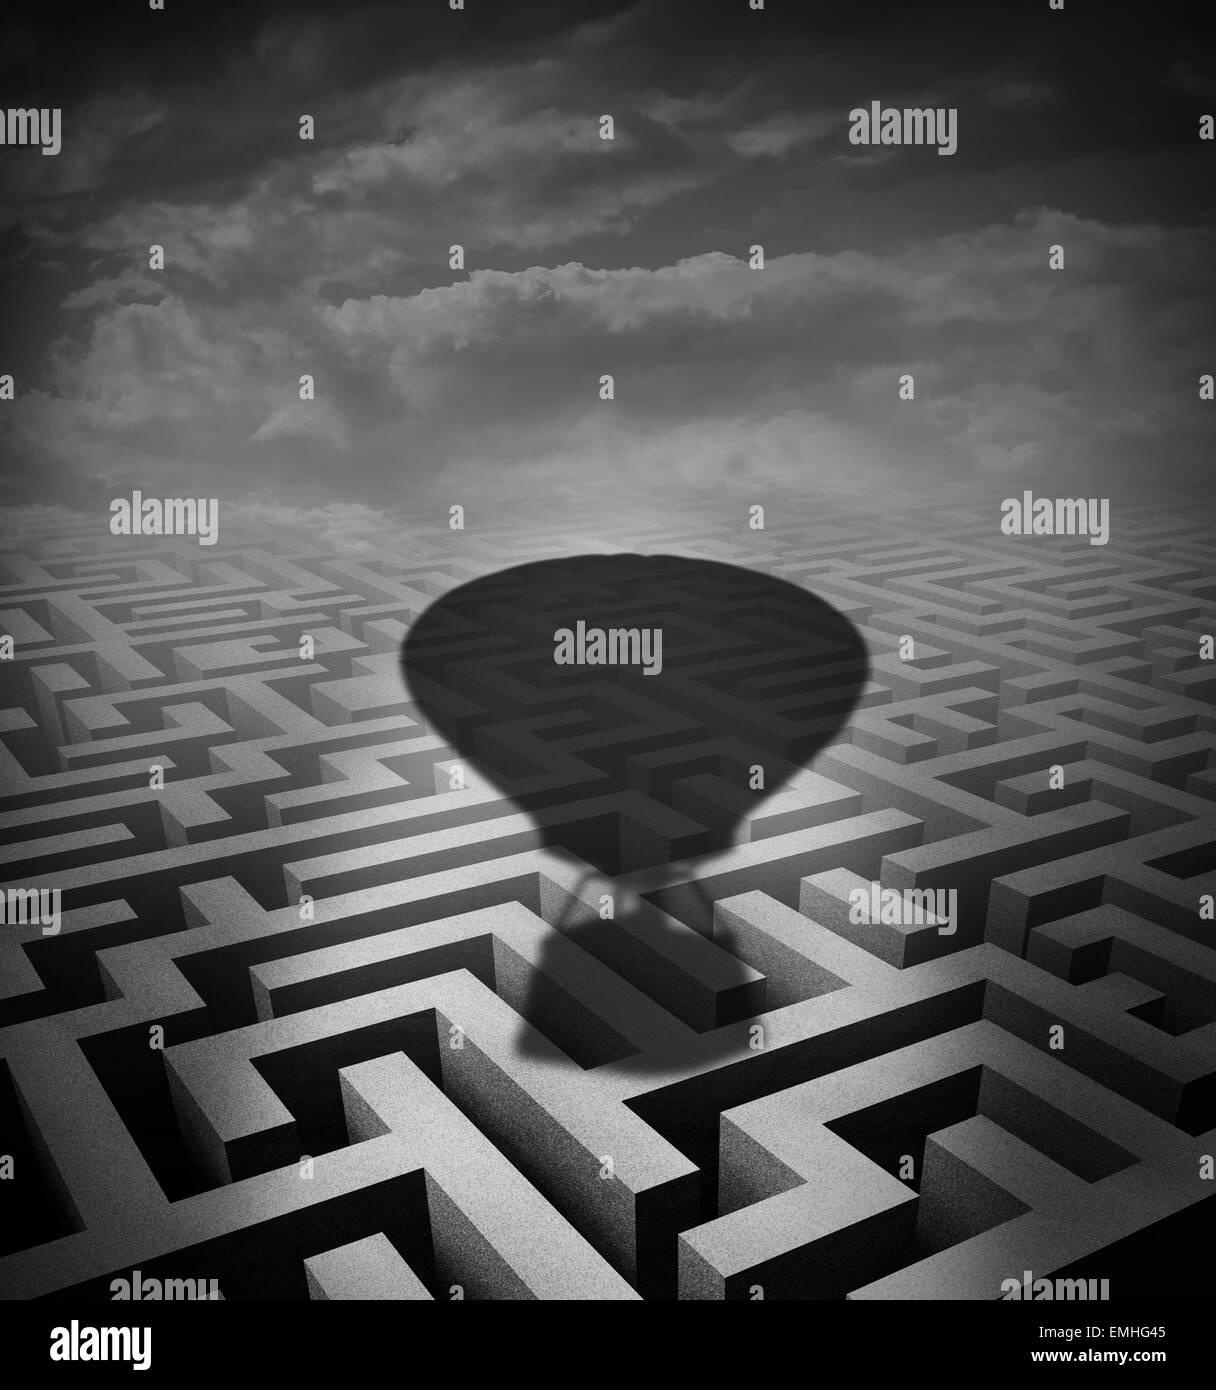 Superar los obstáculos concepto como un globo de aire caliente fundido en un laberinto de sombra o laberinto Imagen De Stock